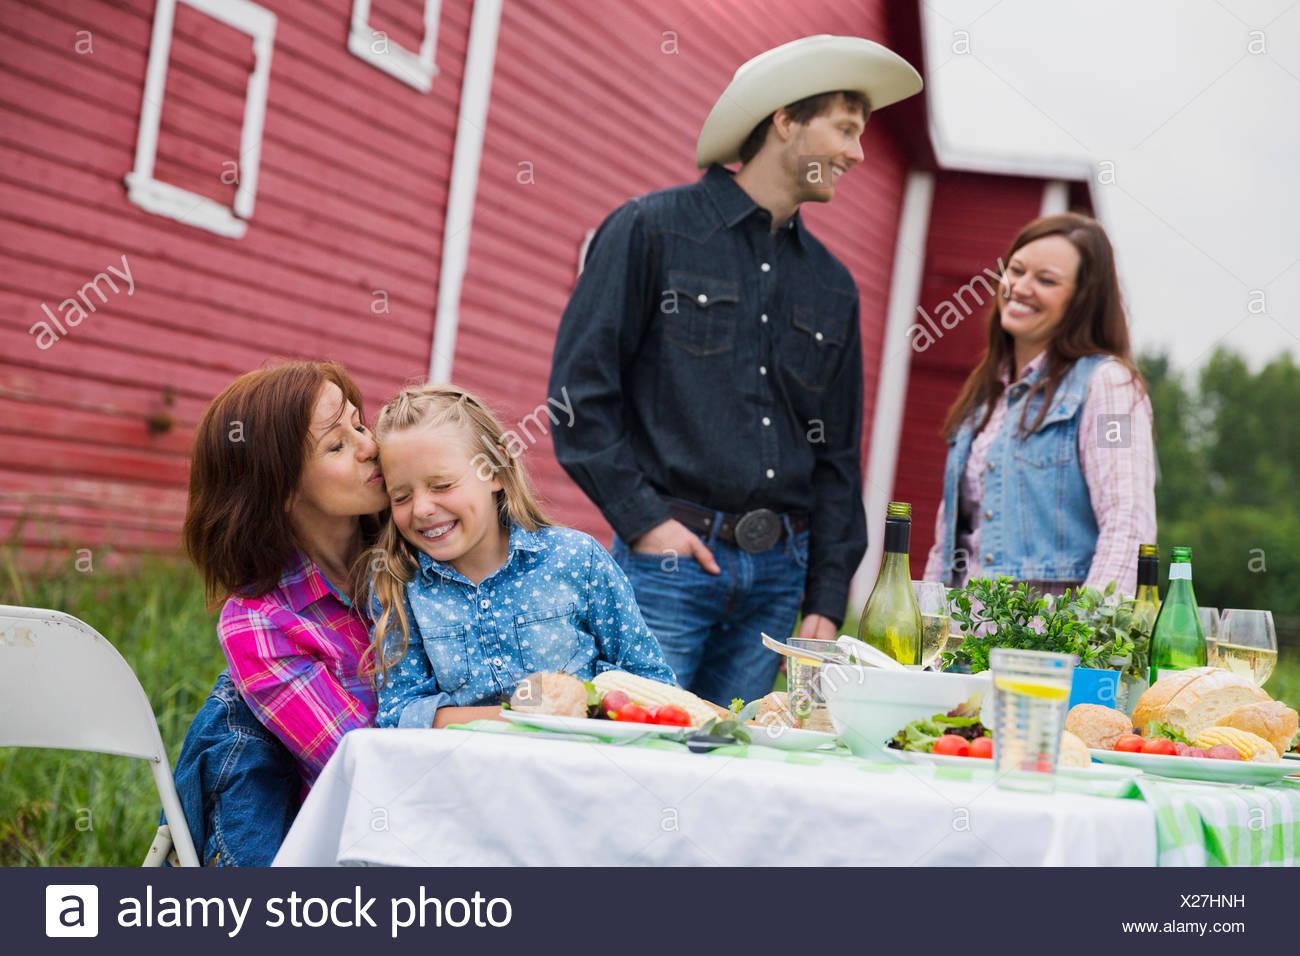 Famiglia di gustare la cena al di fuori di un fienile Immagini Stock